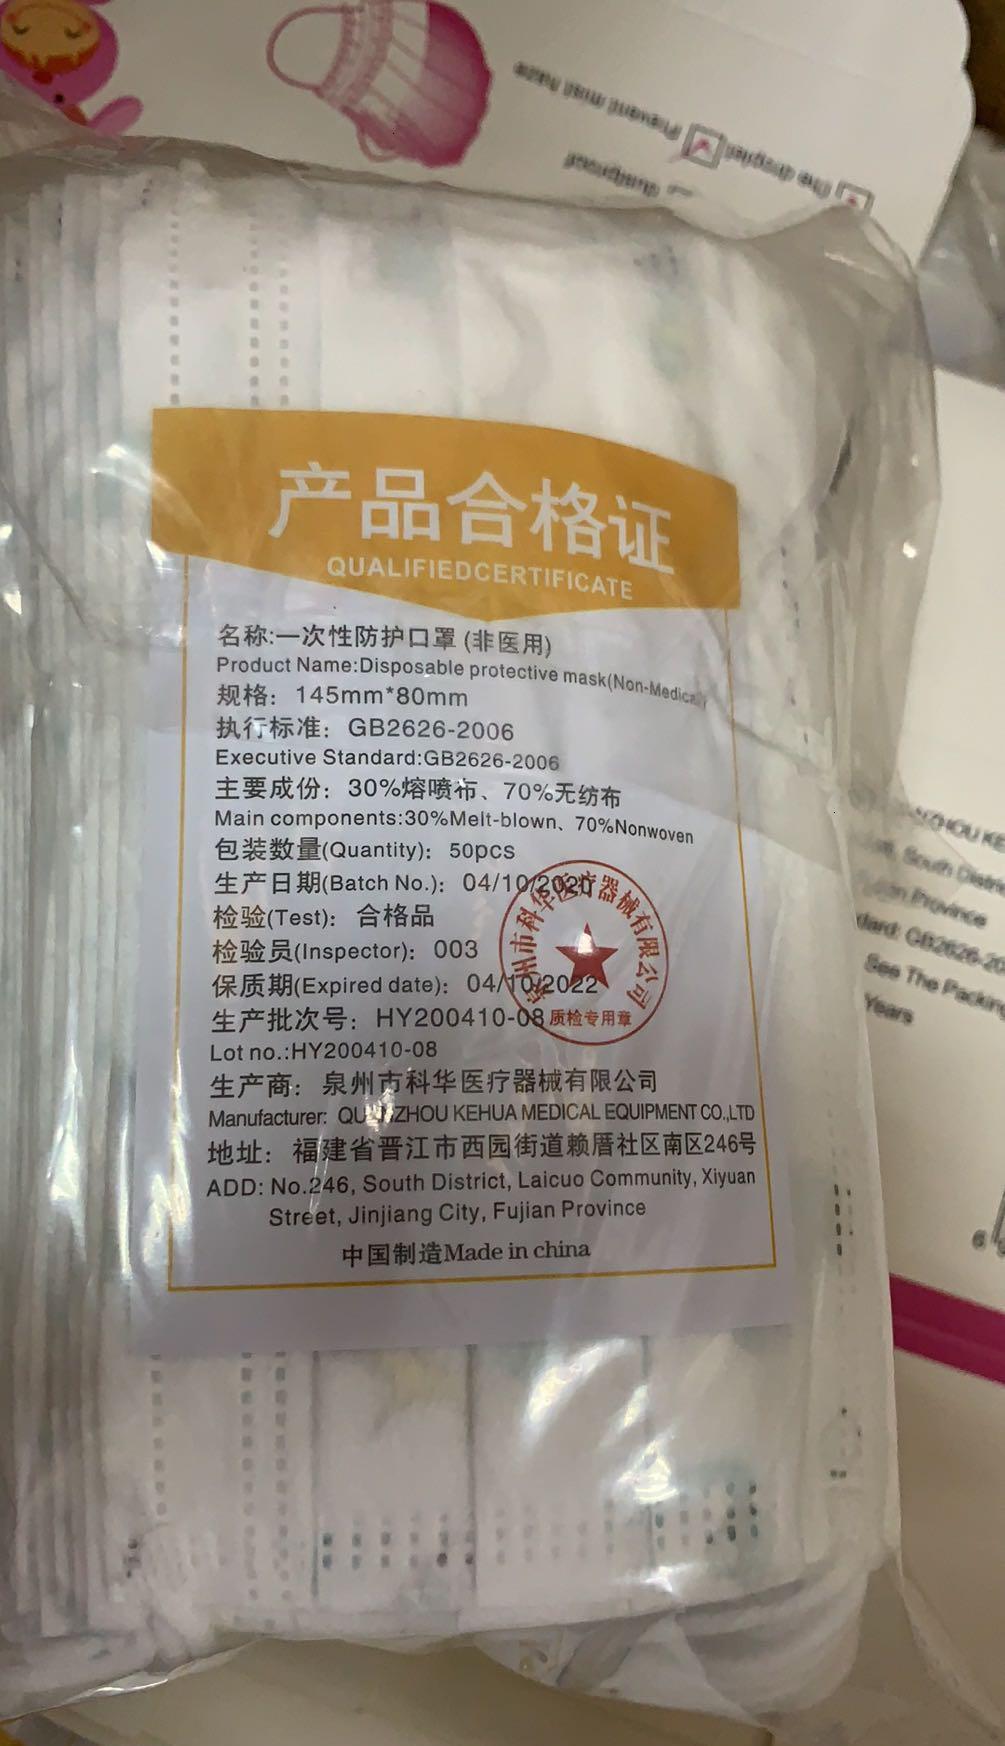 Дети ребенок лицо ушной безопасности 3 пыл защитный рот пыль маска Предотвратить слои с детьми Нетканым Одноразовым к Bde2010 Eigjv